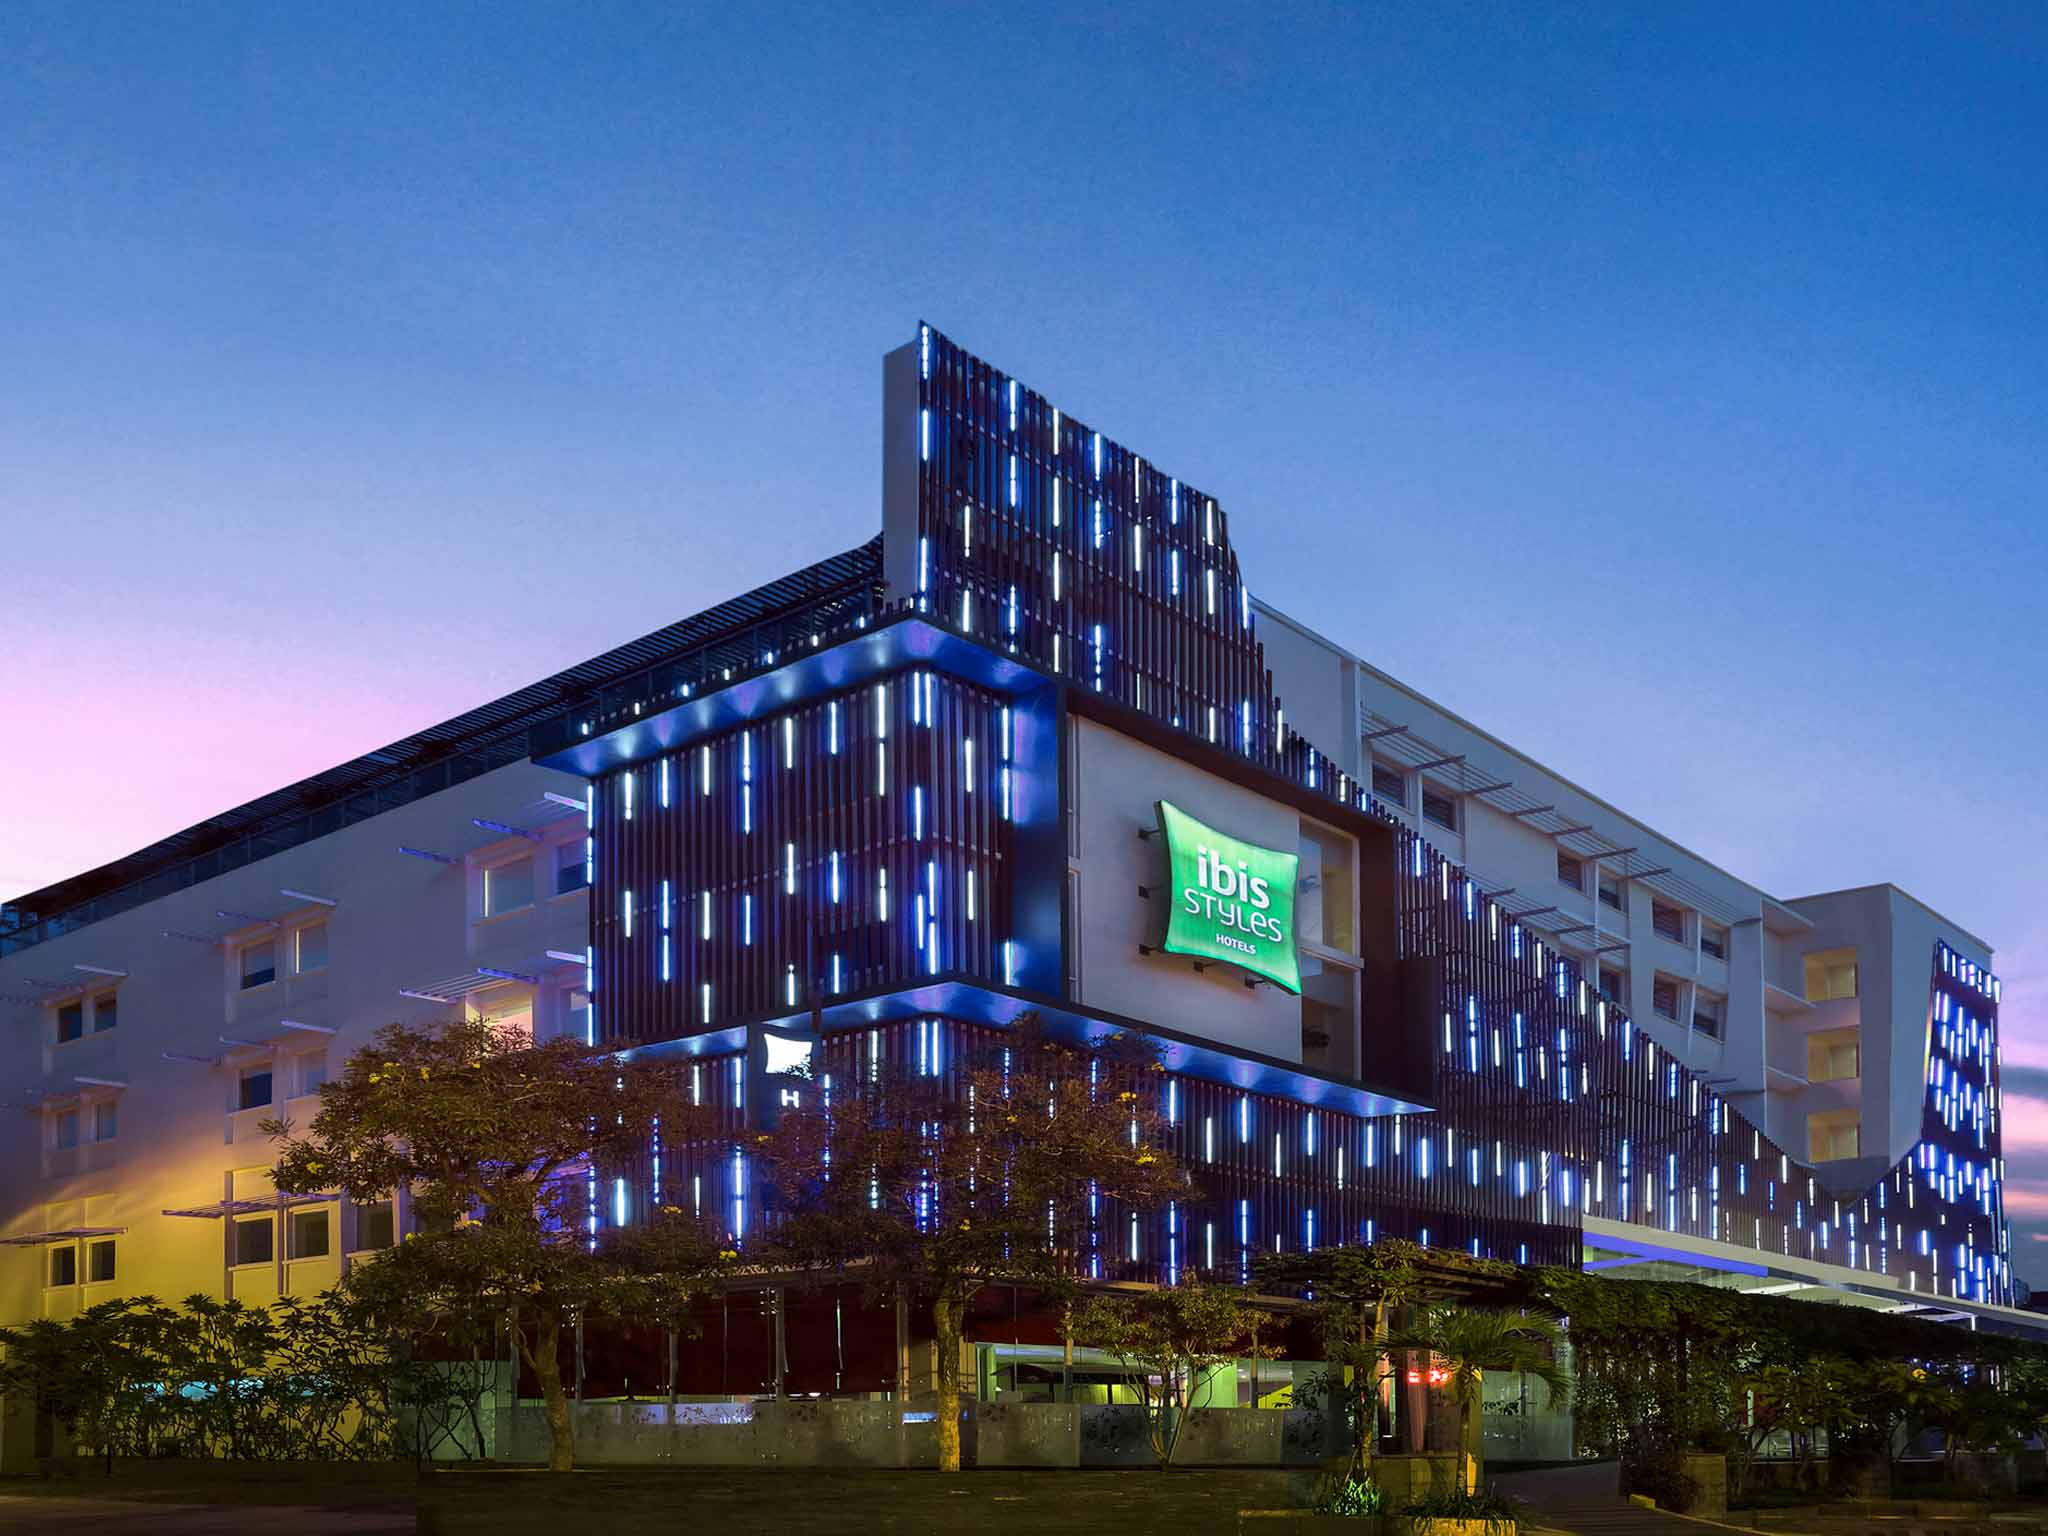 Hotel di malioboro ibis styles yogyakarta accorhotels for Style hotel